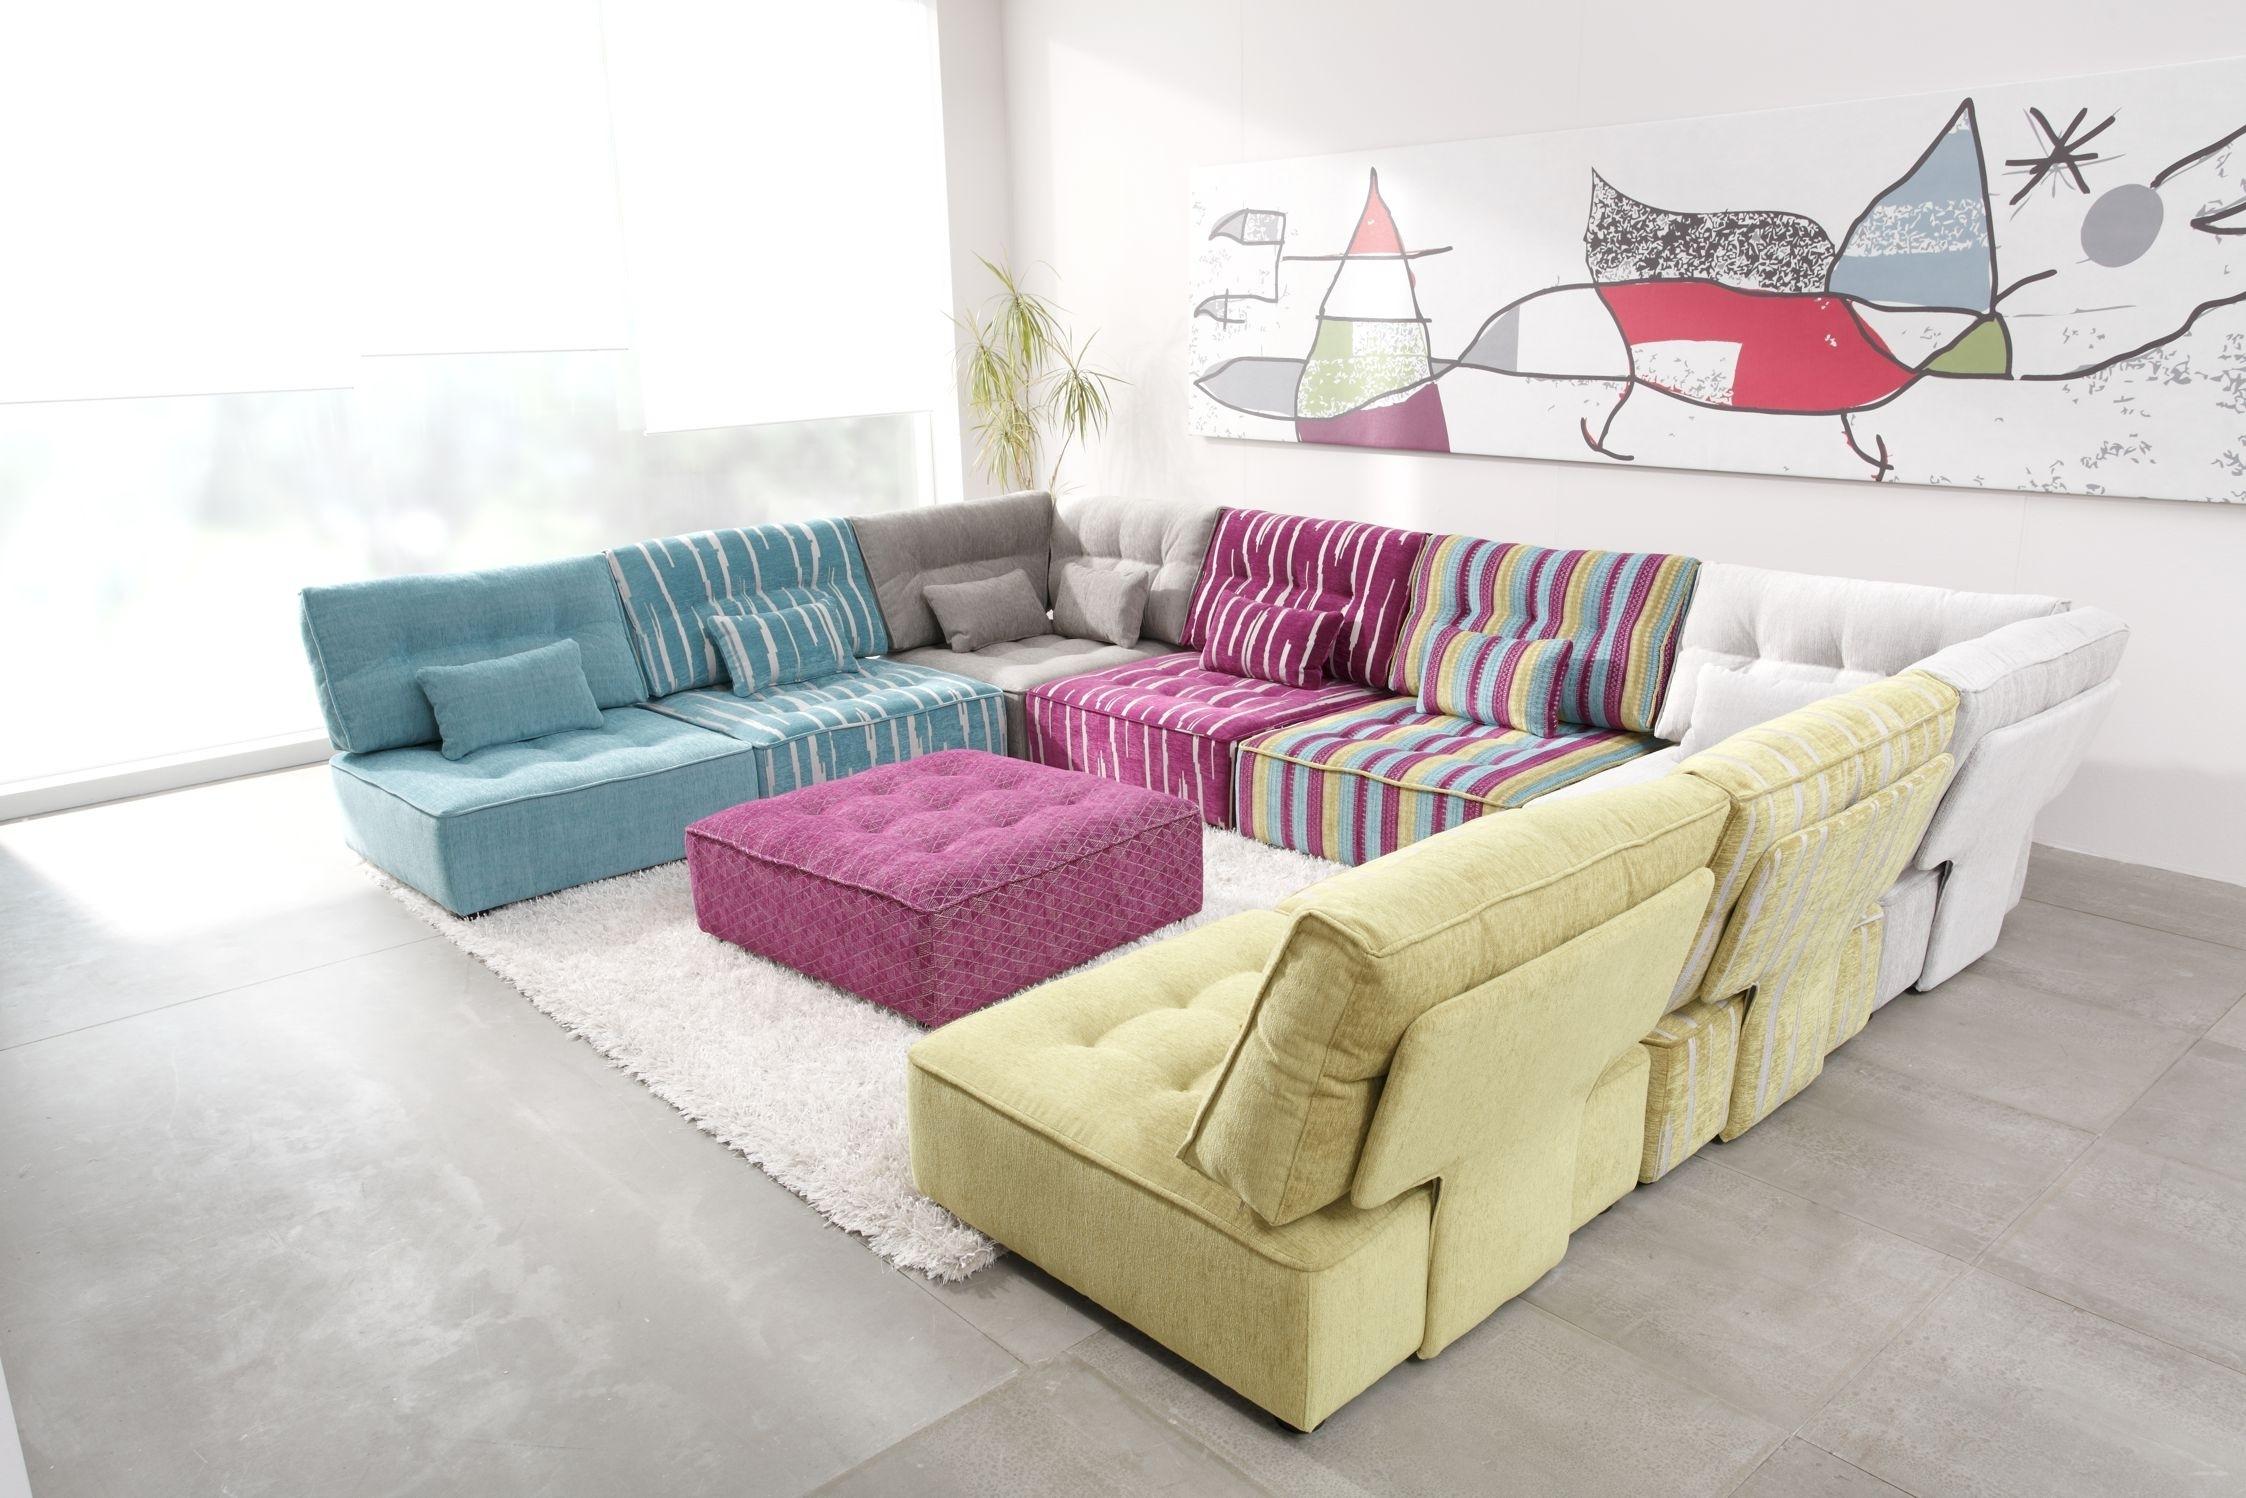 Arianne Modern Modular Sectional Sofa | Fama Sofas inside Modular Sectional Sofas (Image 3 of 10)